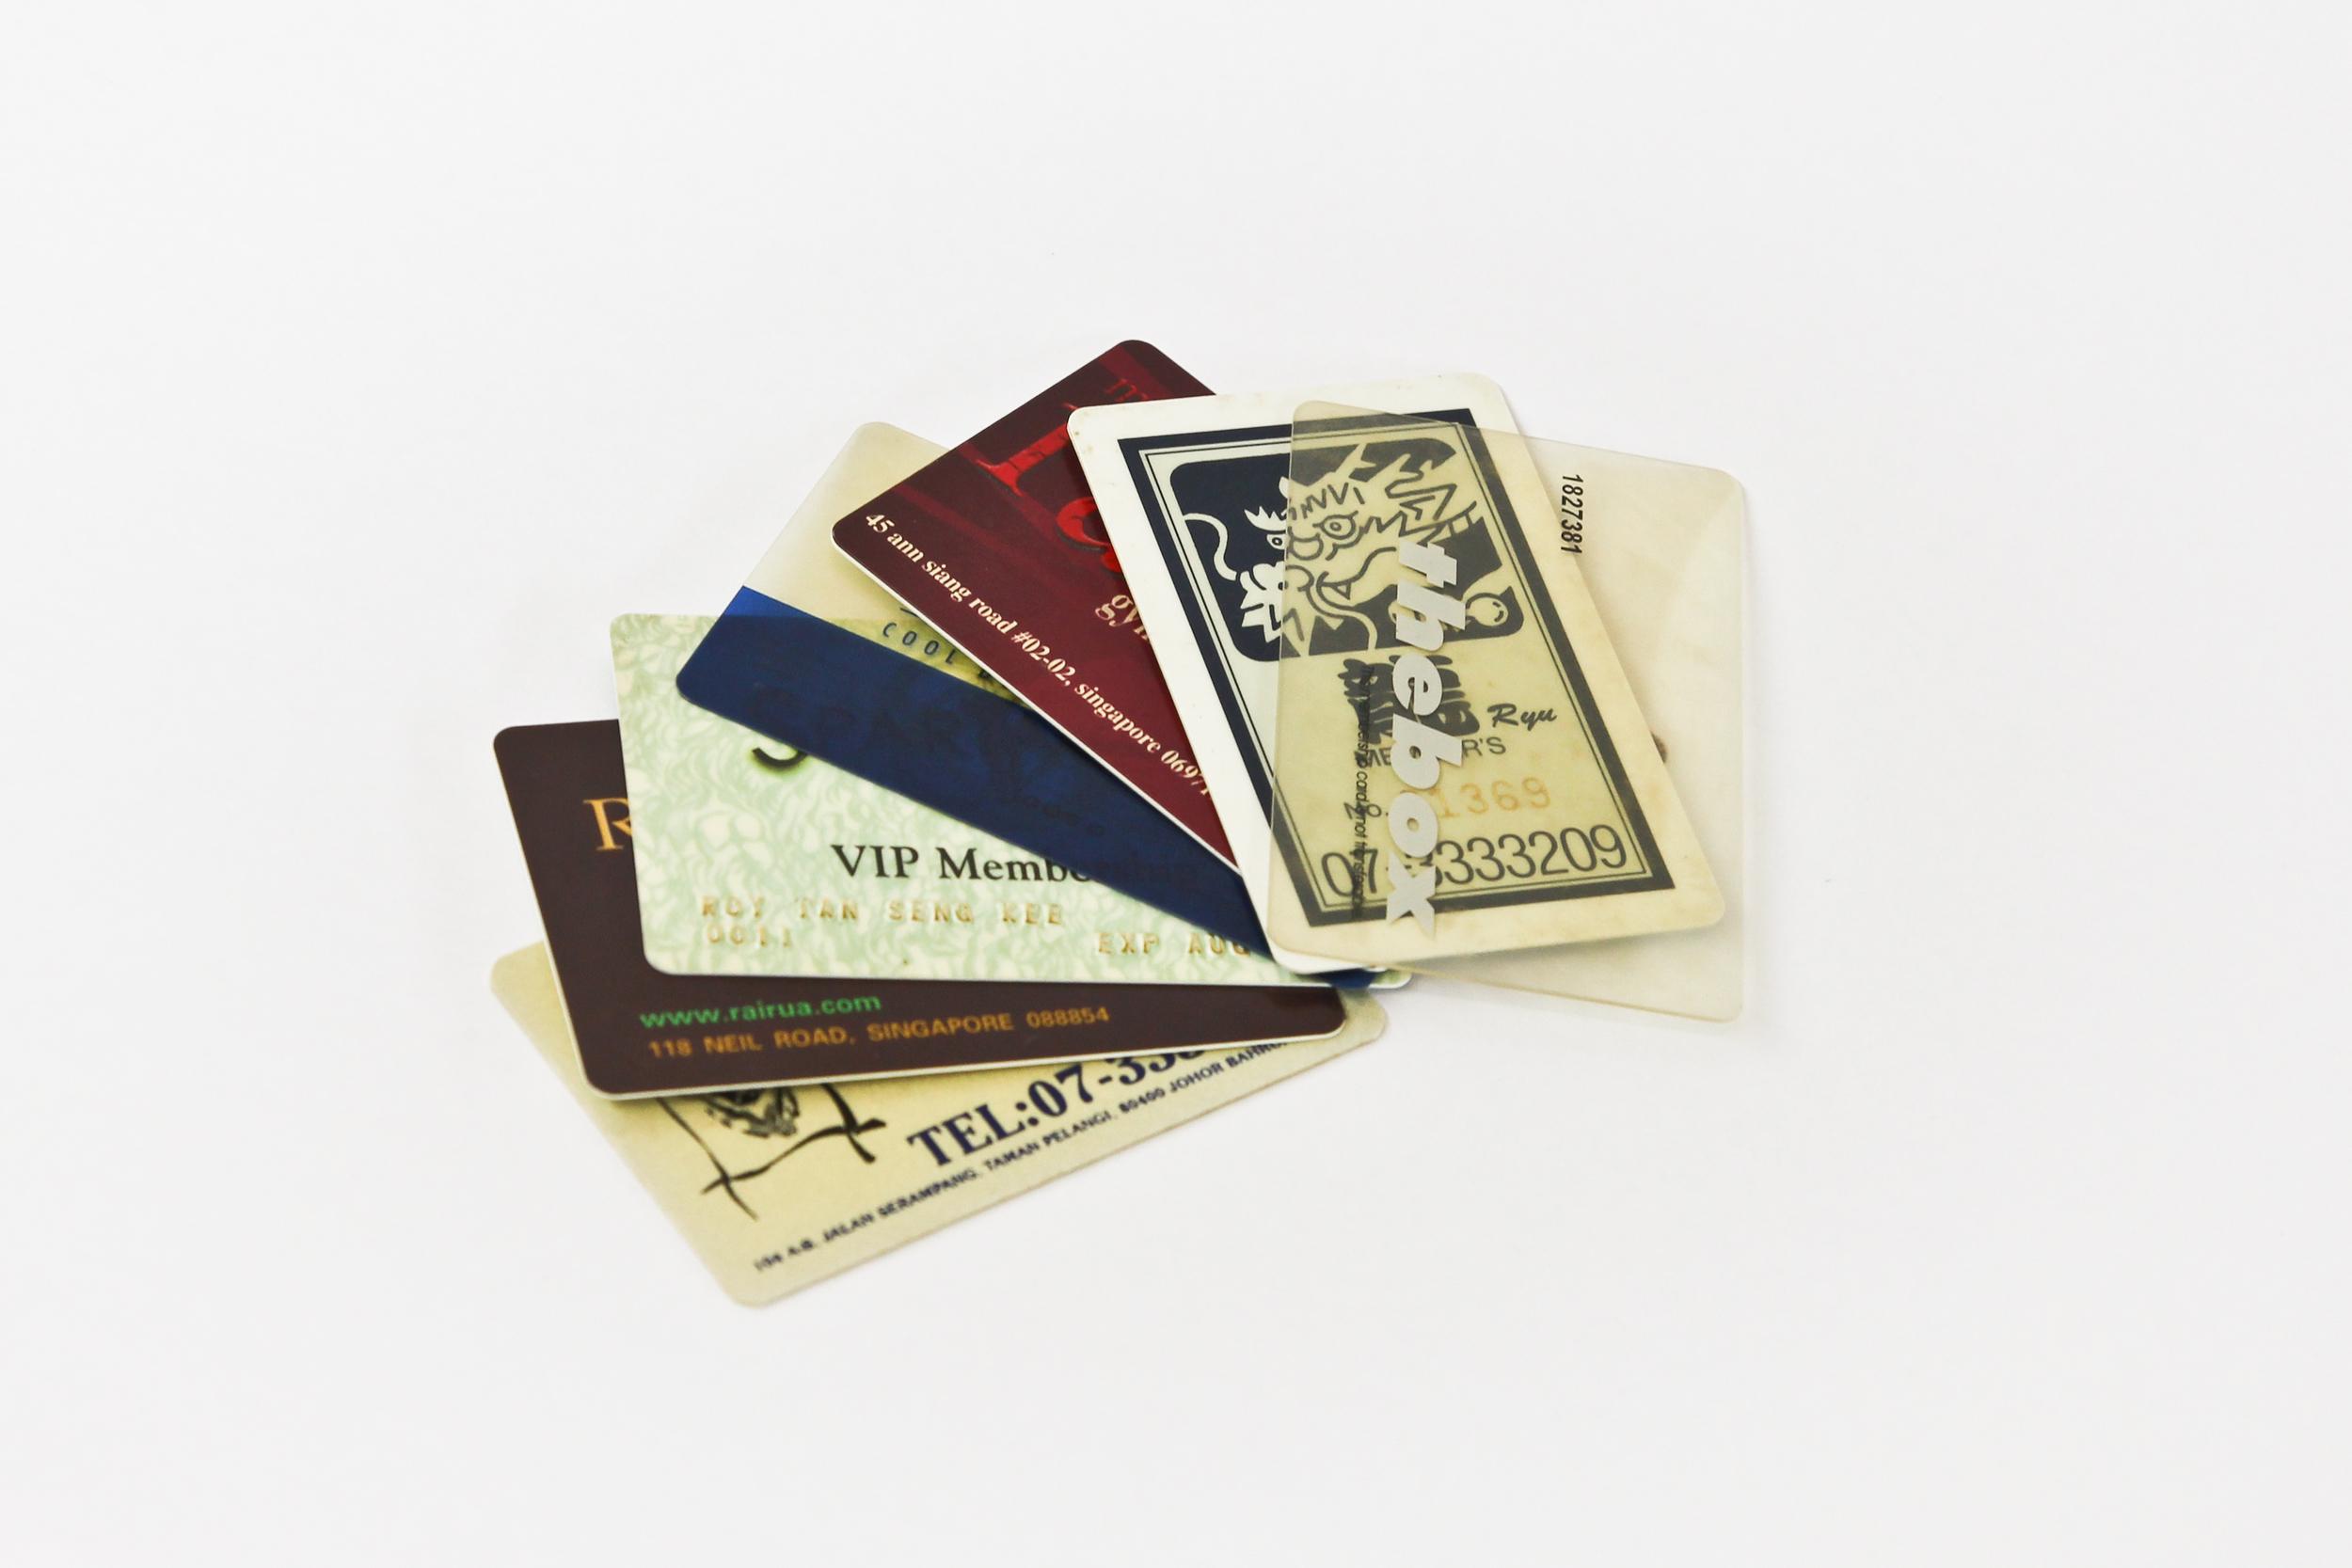 Sauna membership cards